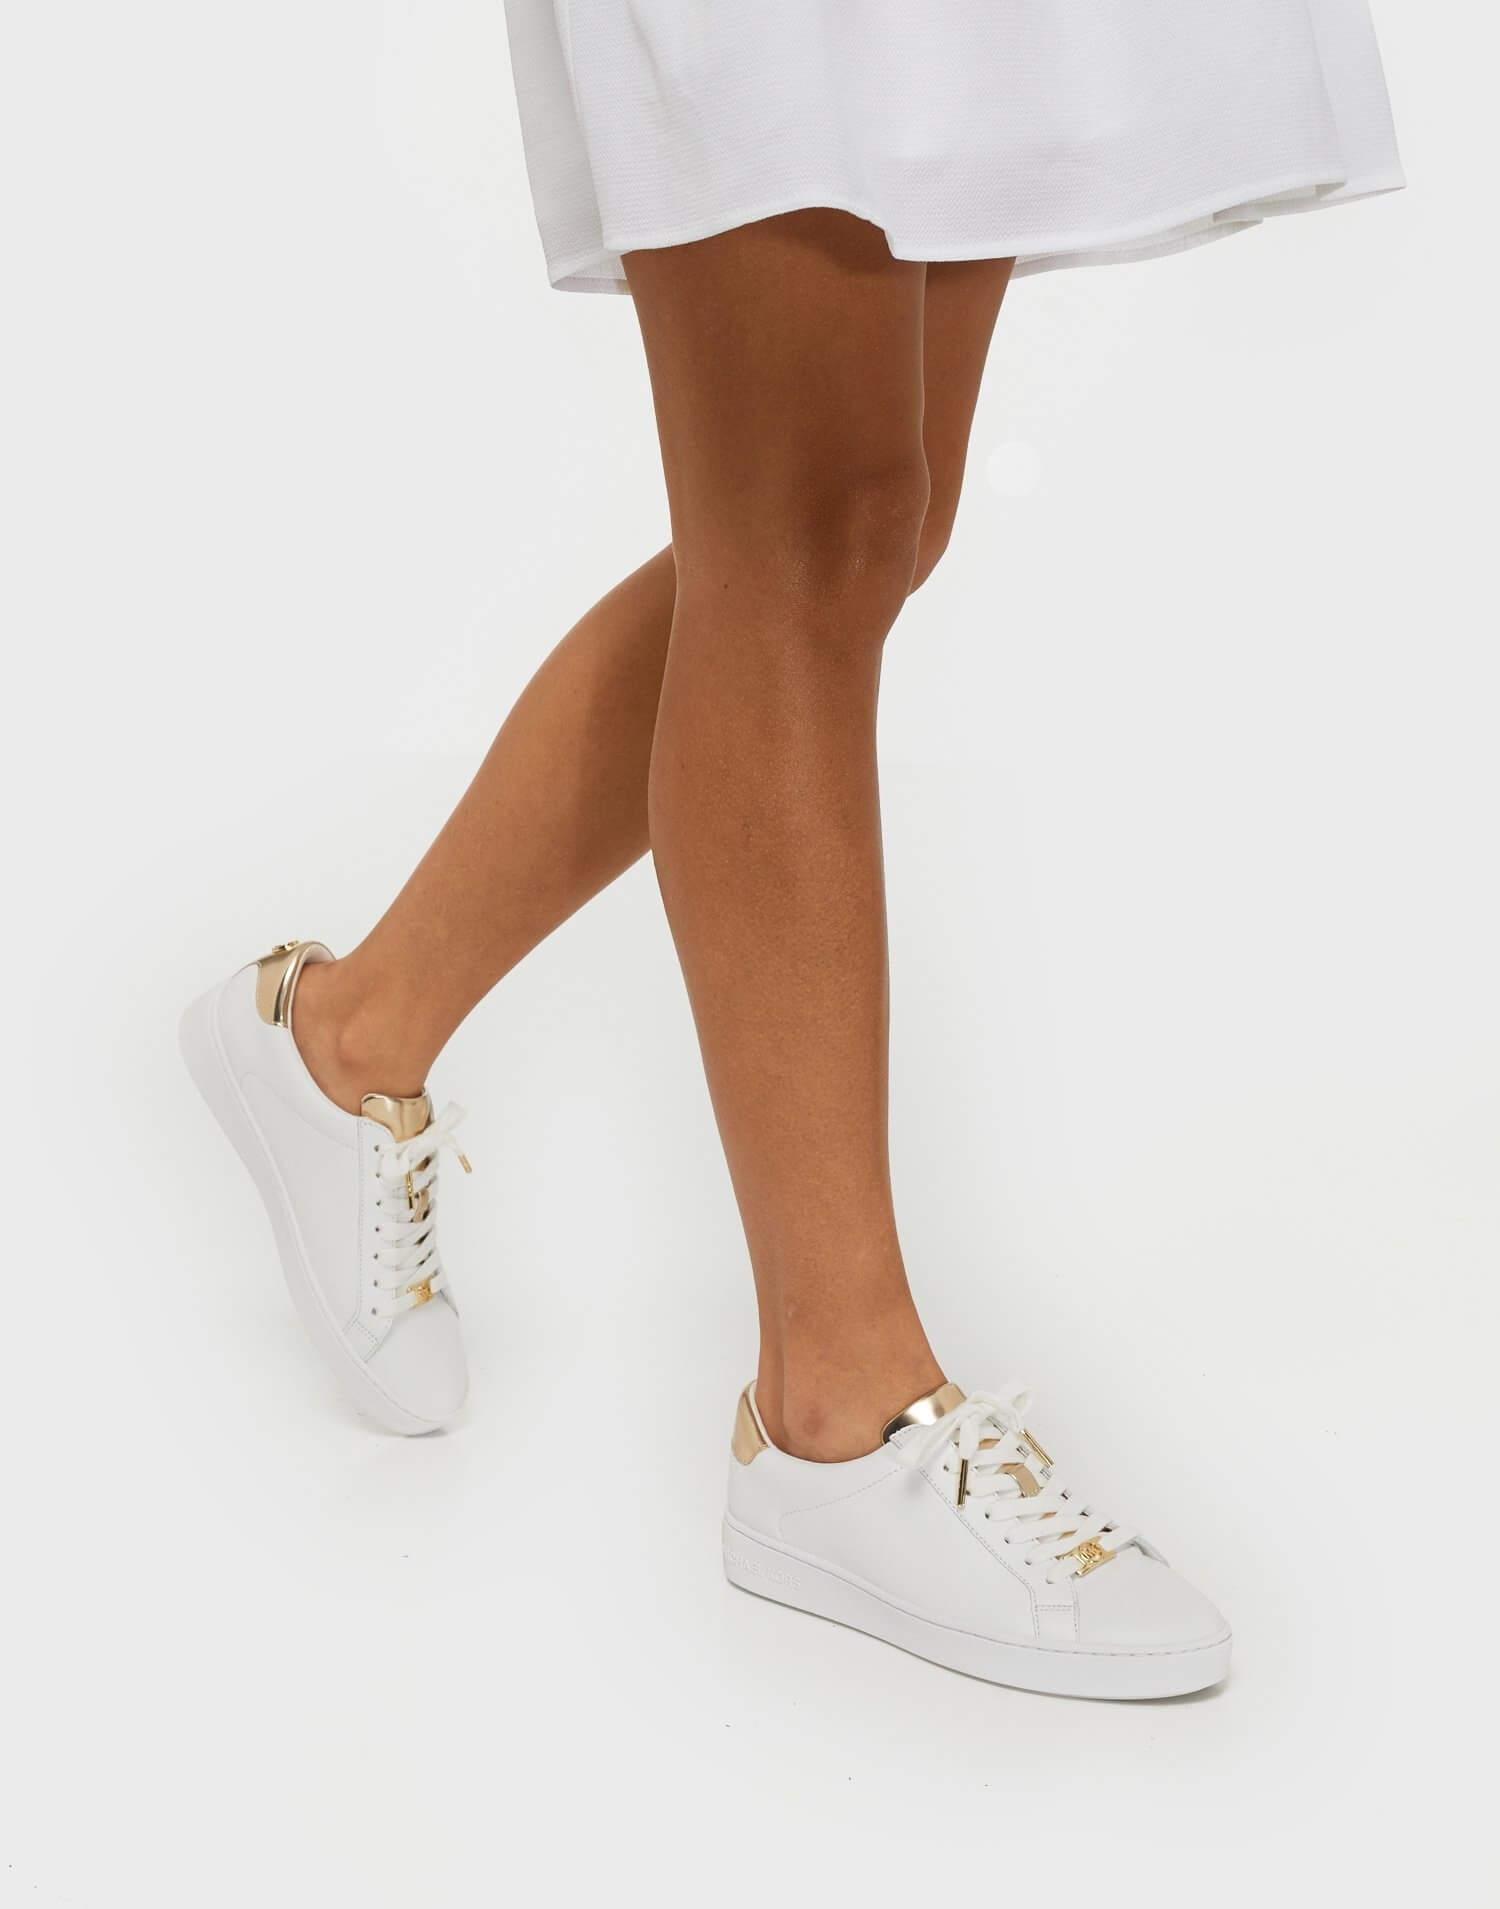 Vita sneakers med partier i guldmetallic färg från Michael Michael Kors.